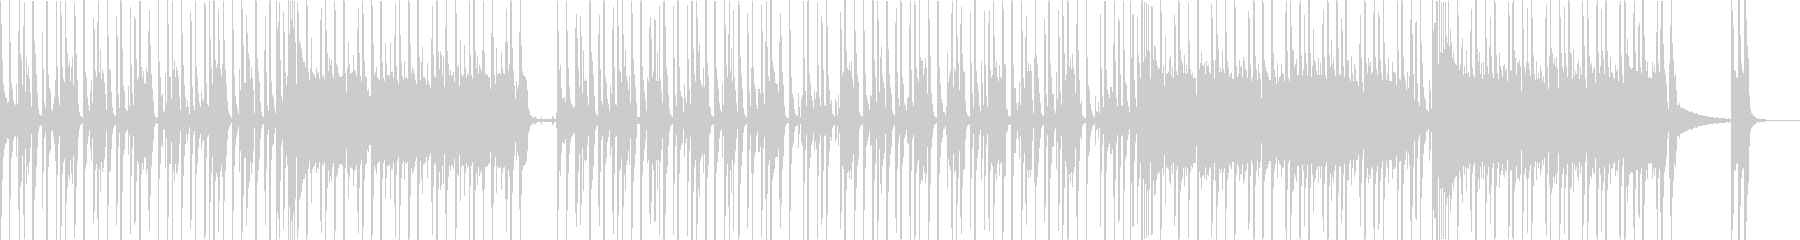 ビートの効いたノリノリファンクの未再生の波形